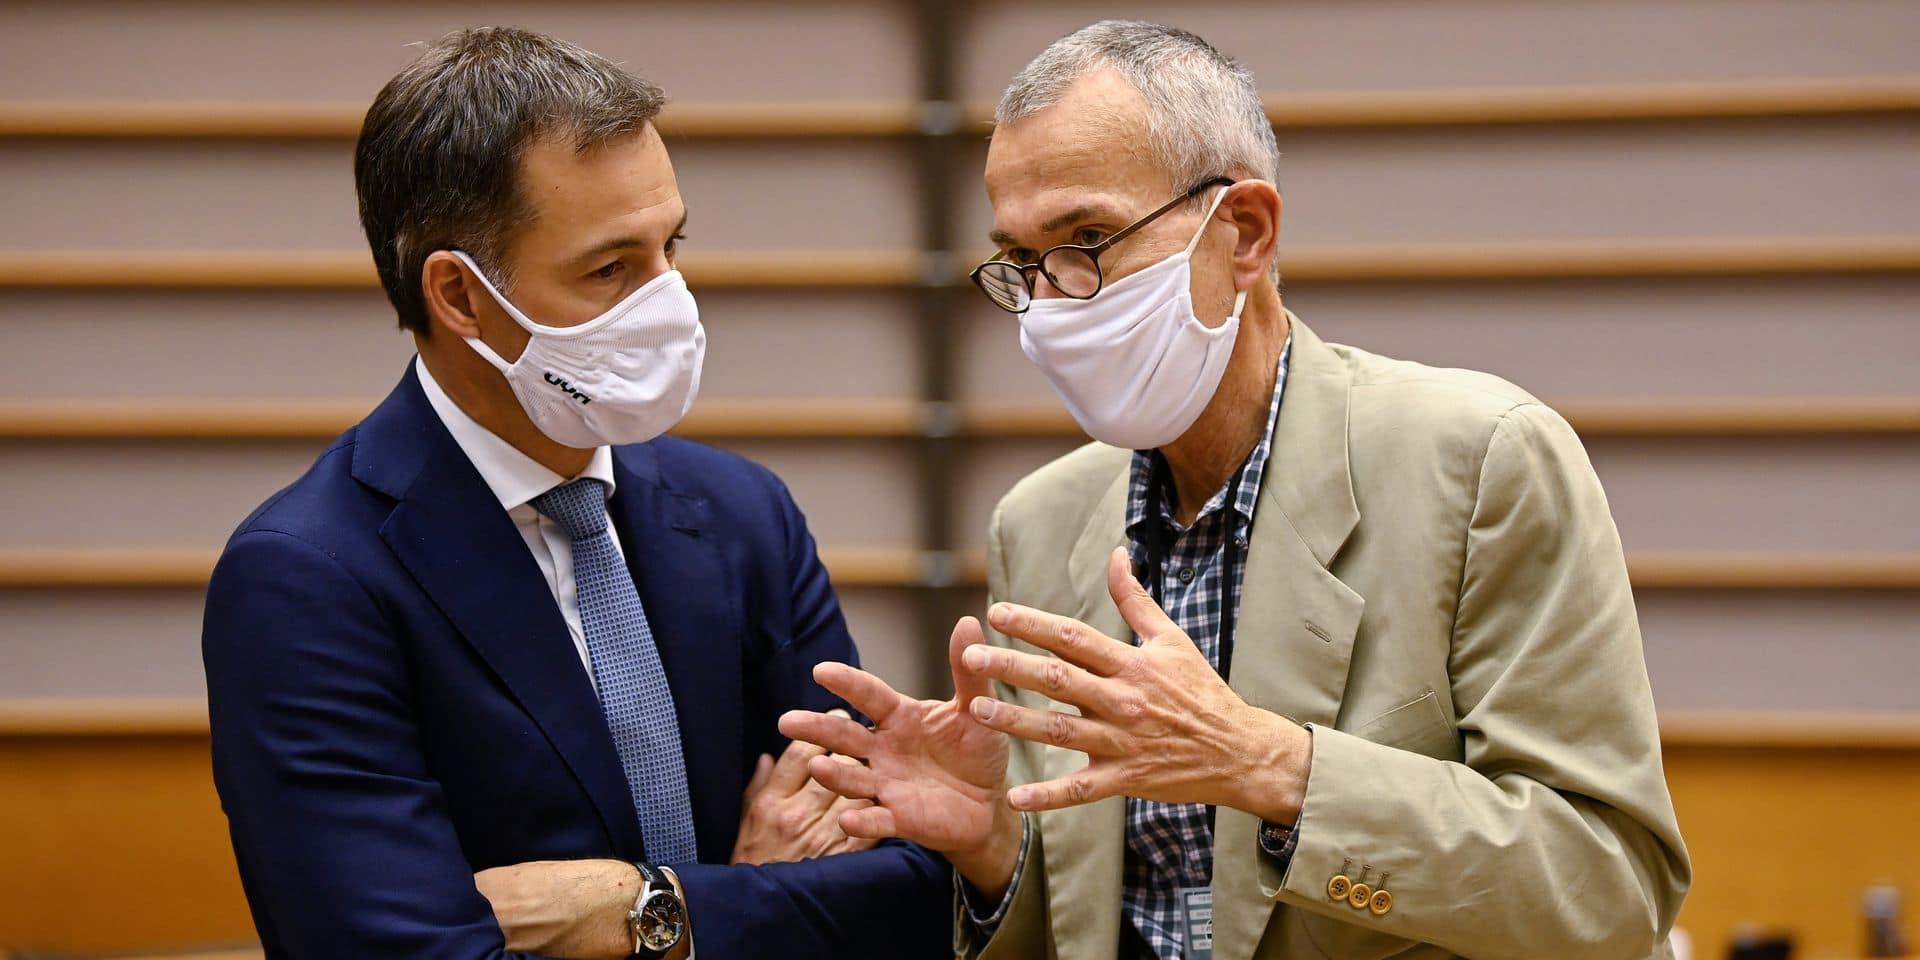 L'évolution du virus inquiète. Bientôt un nouveau CNS?